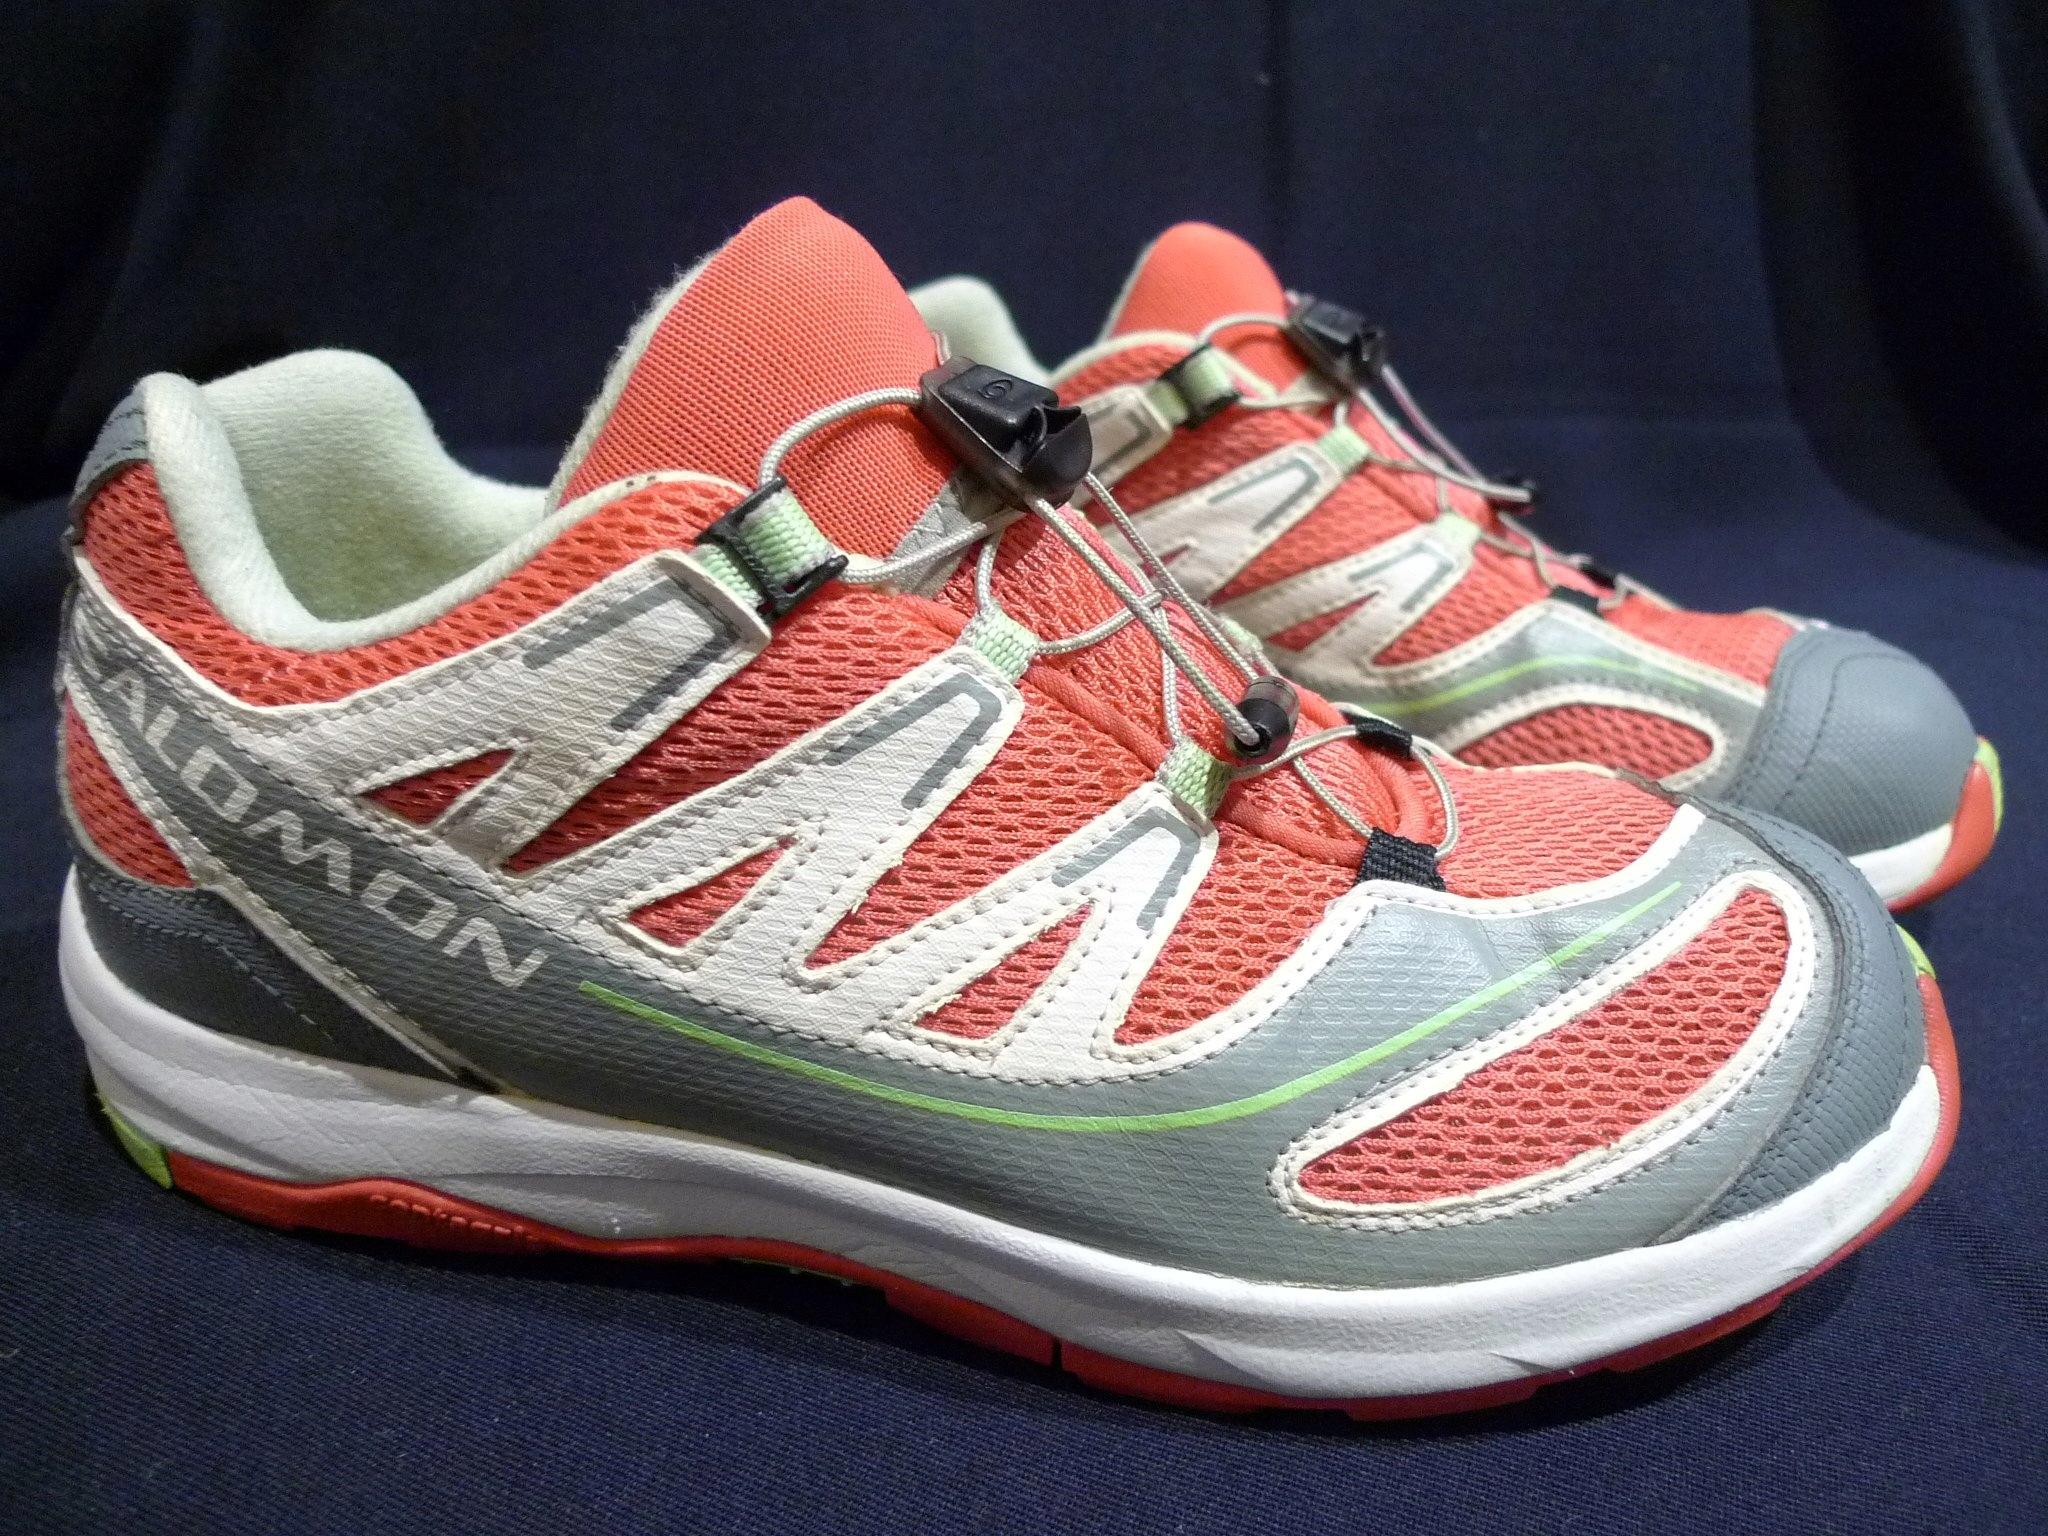 Buty sportowe SALOMON roz.38, wkł.24cm czerwone 7284136660